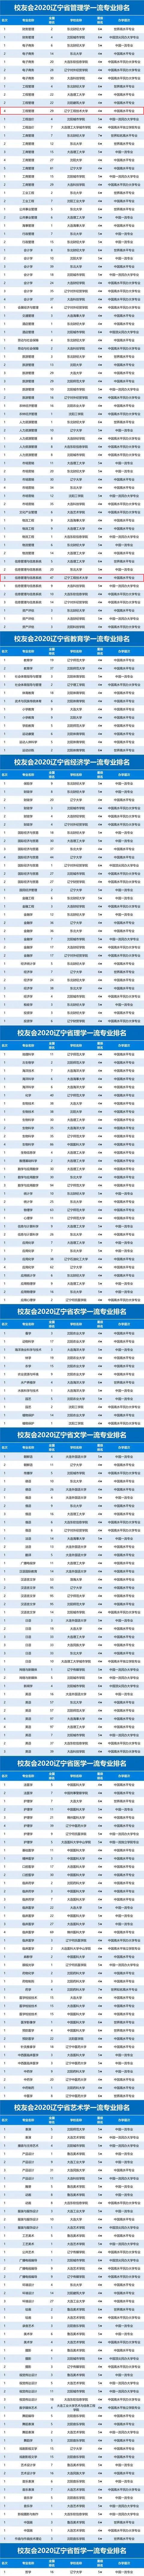 2020辽宁省一流专业排名公布,辽宁工大30个专业上榜